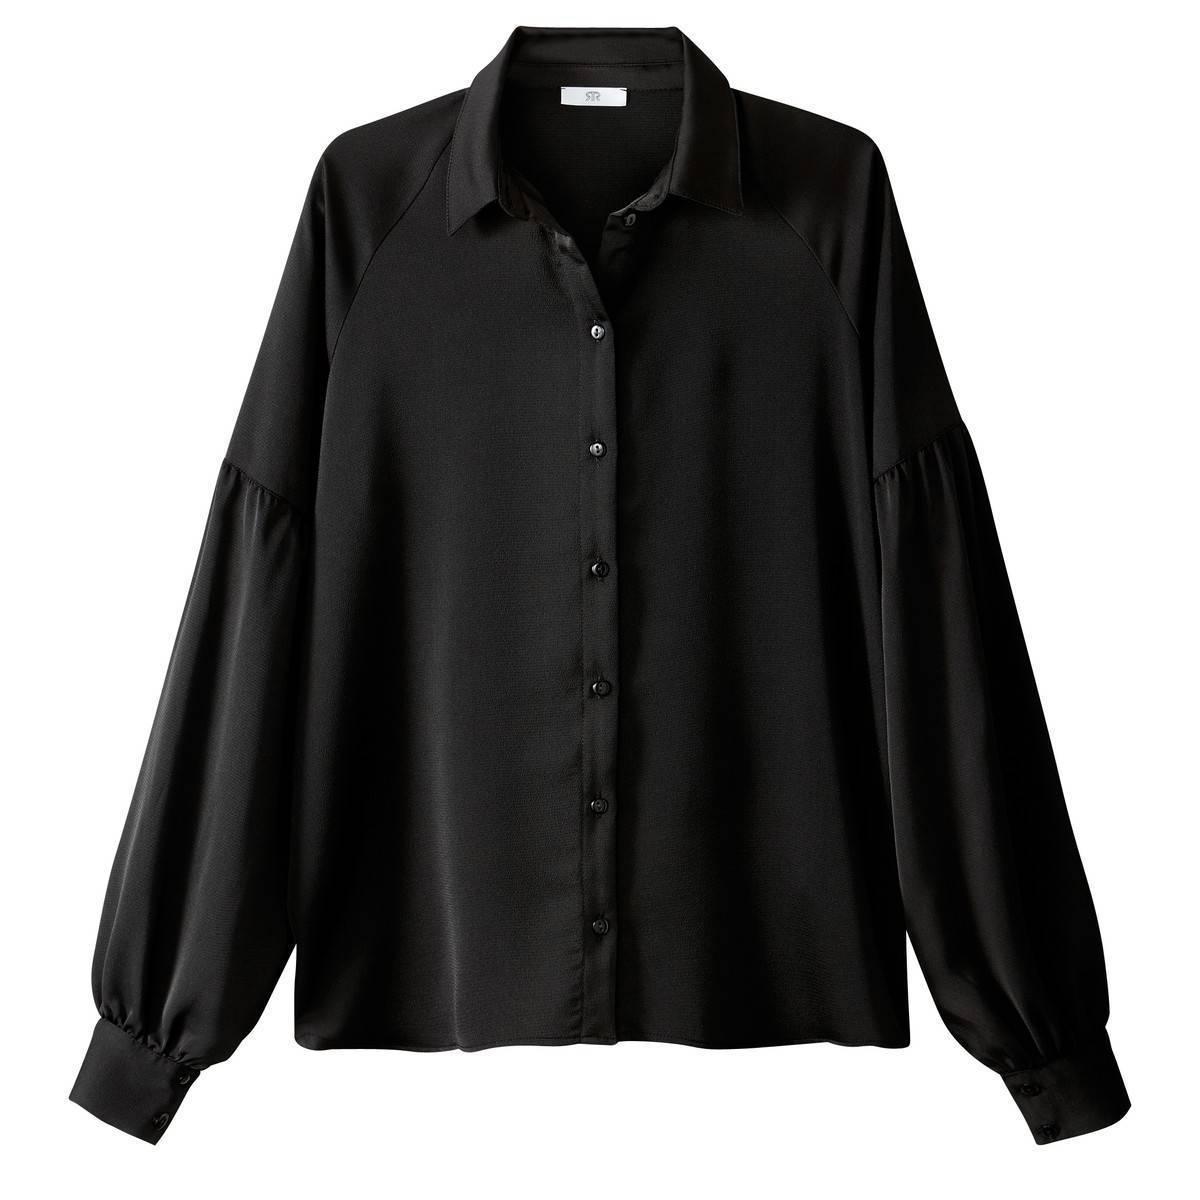 учёный черные рубахи картинки статья